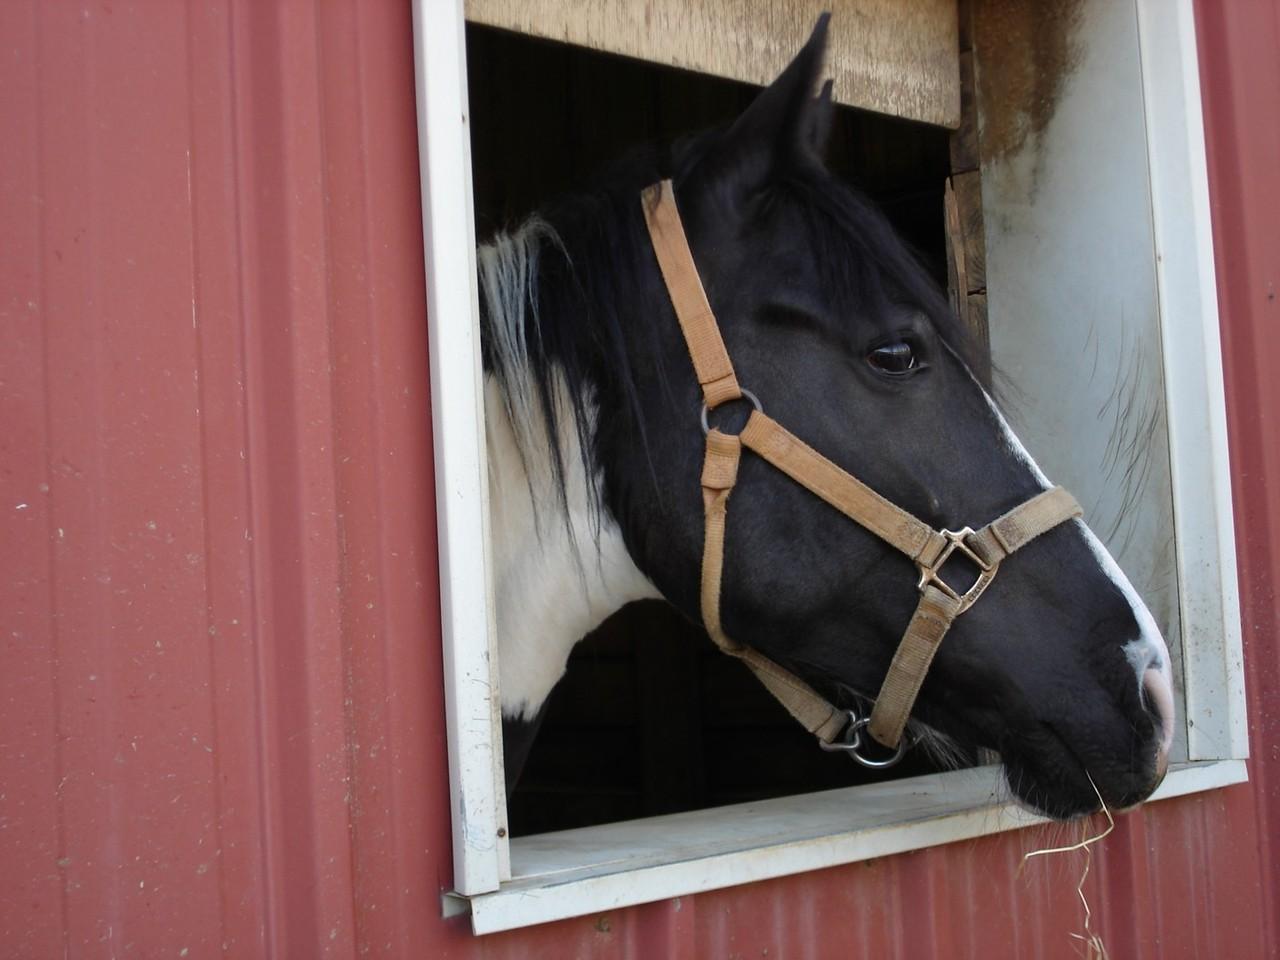 Kiedy wybrać owijki dla konia